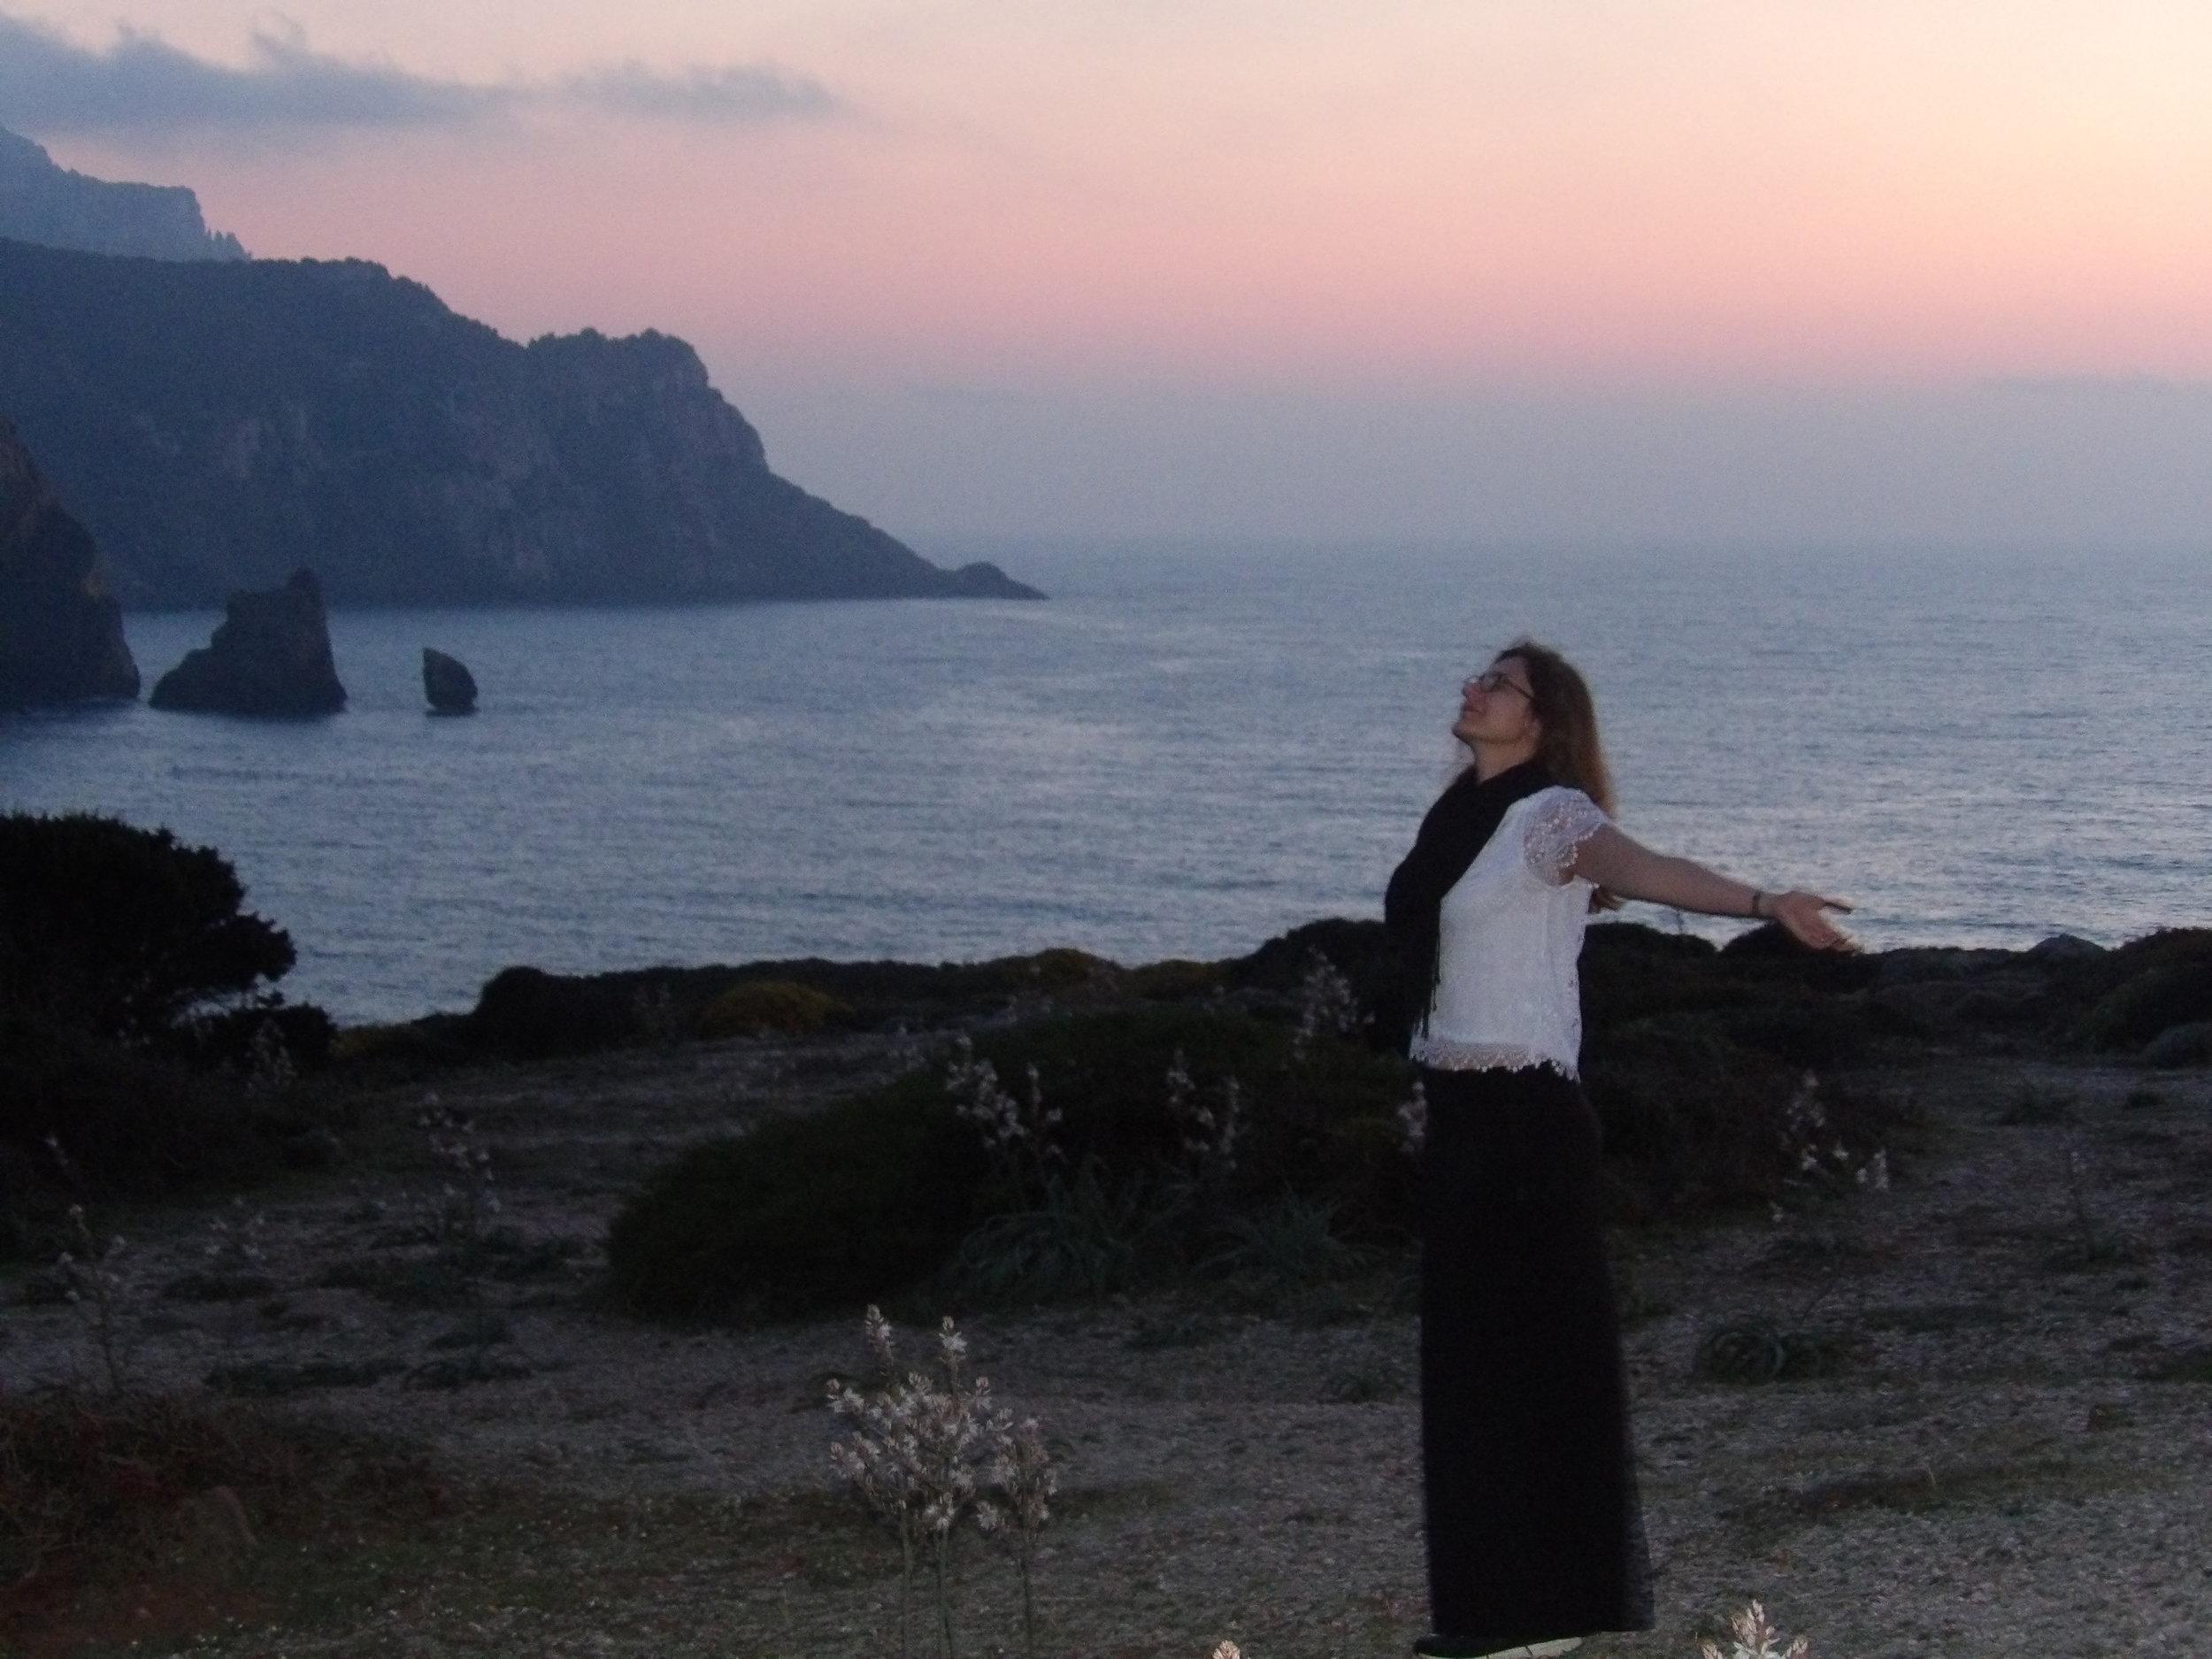 Moi en Sardaigne, baignant dans la douce énergie de la pleine lune rose, un magnifique souvenir Photo:  Tous droits réservés  © Vers De Beaux Horizons